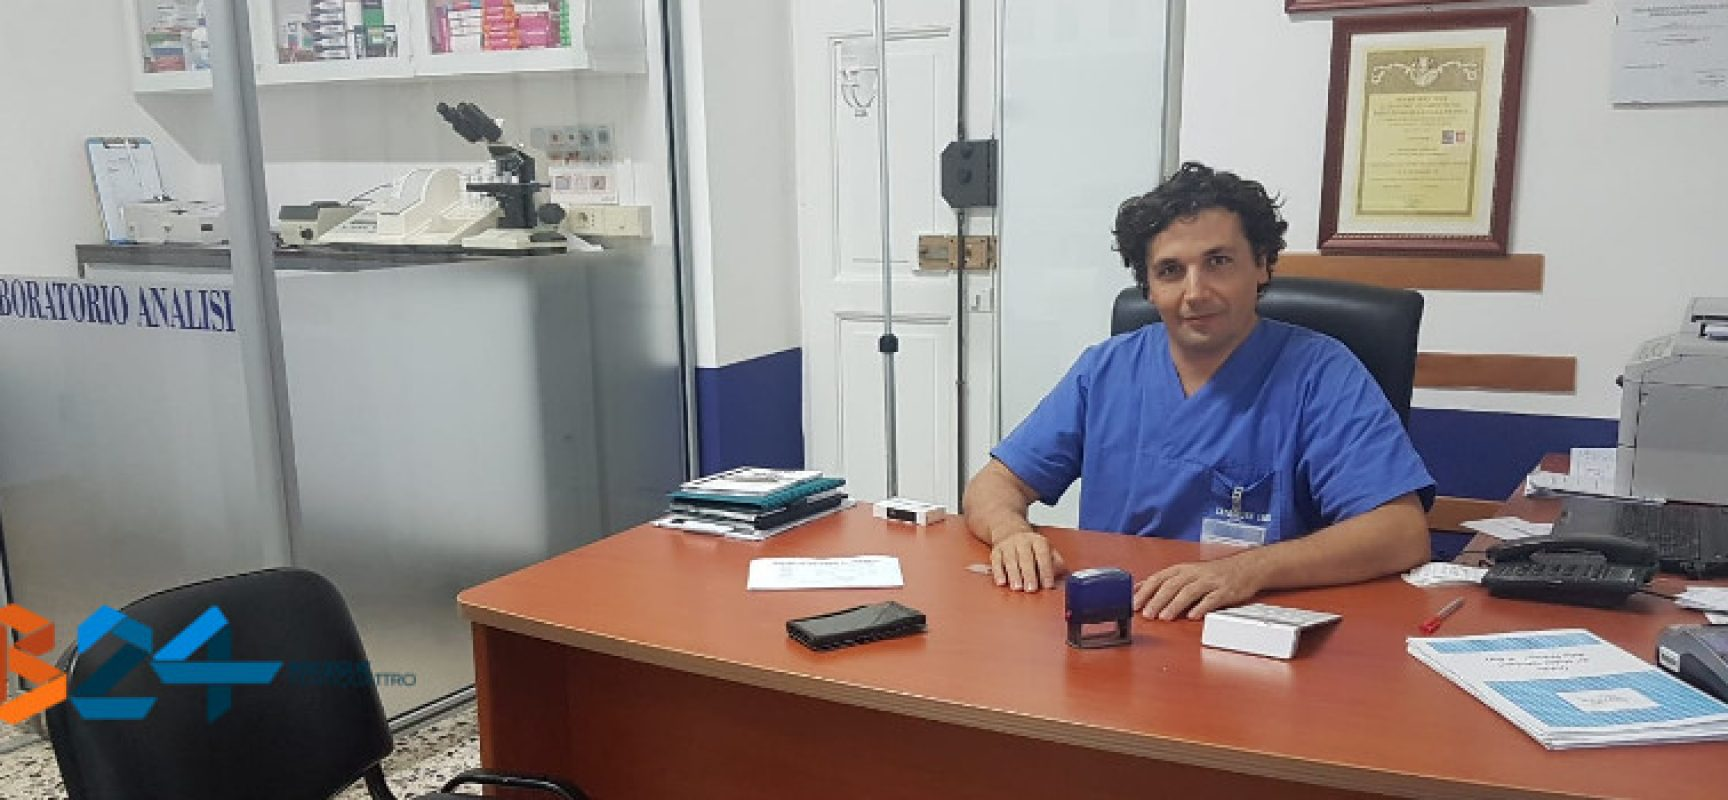 Centro Veterinario Papagni aperto anche il giorno di ferragosto